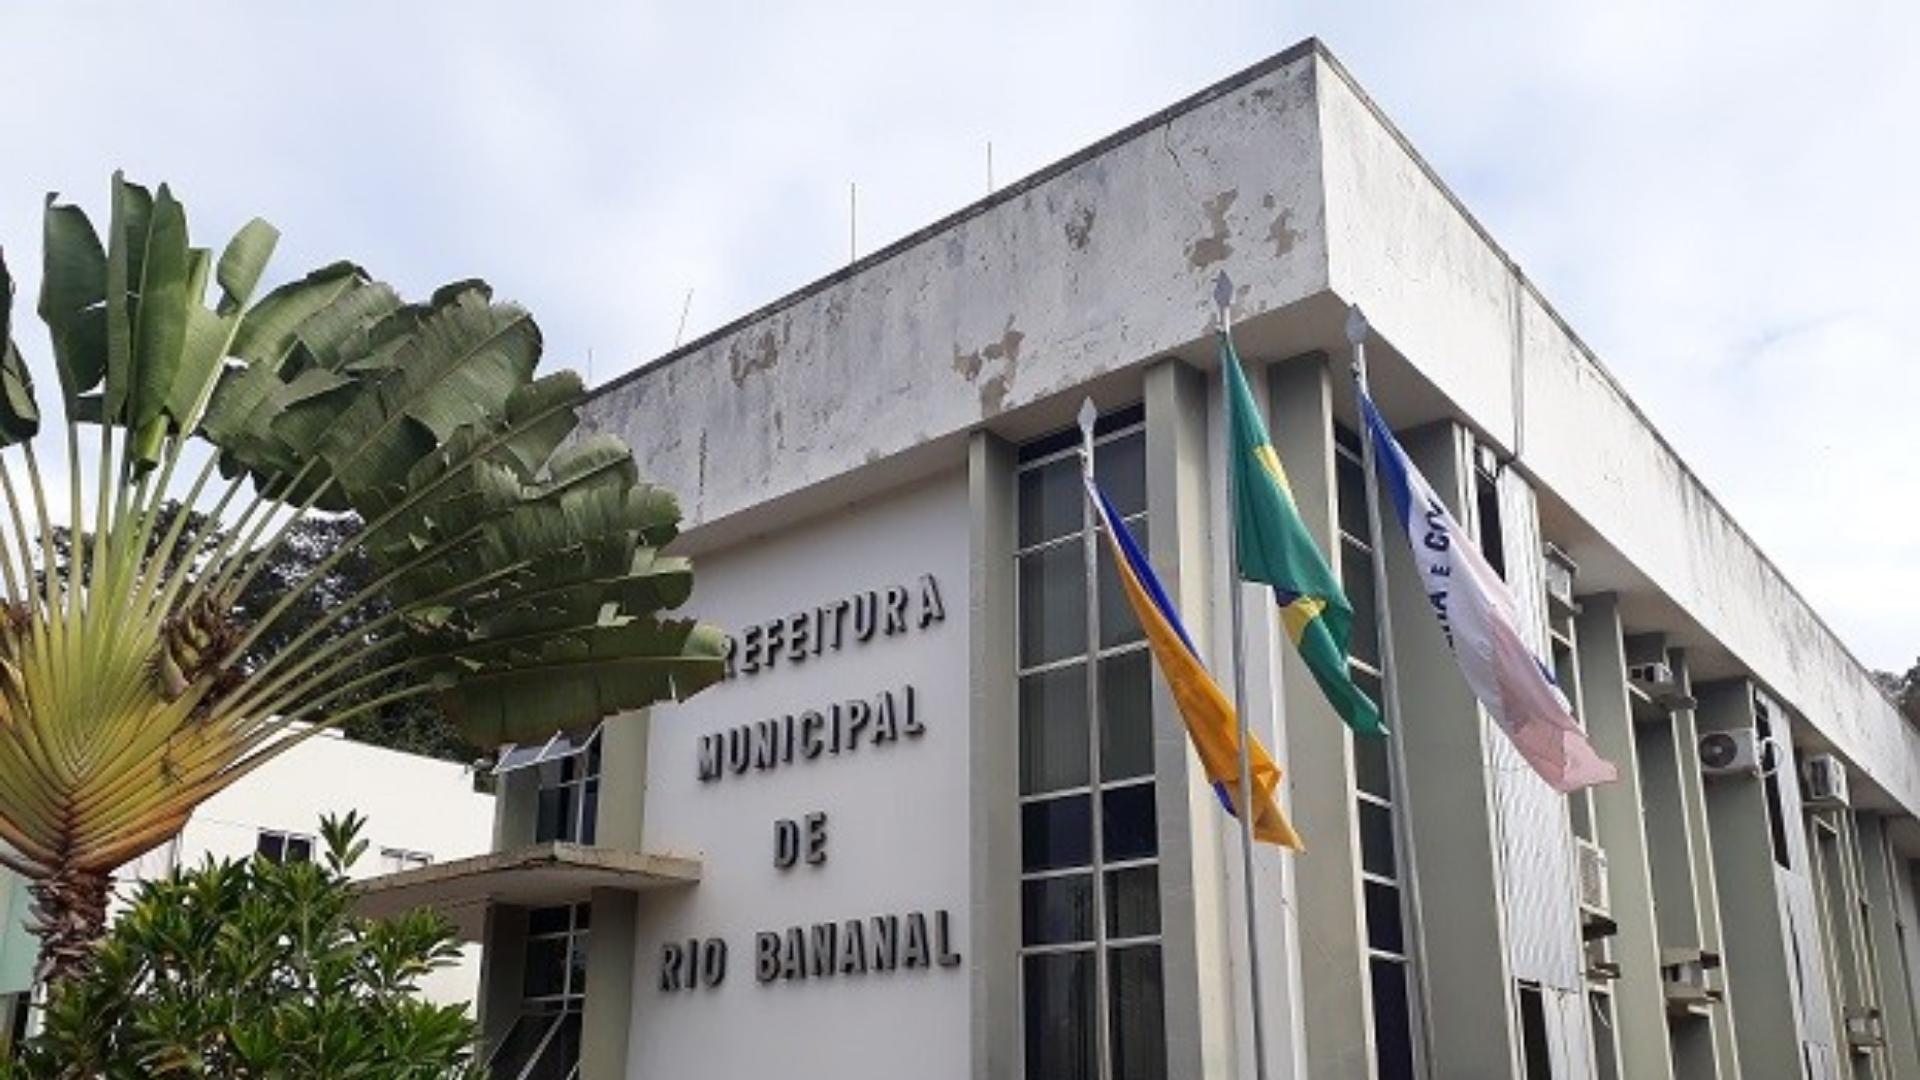 Prefeitura de Rio Bananal. Crédito: Prefeitura de Rio Bananal